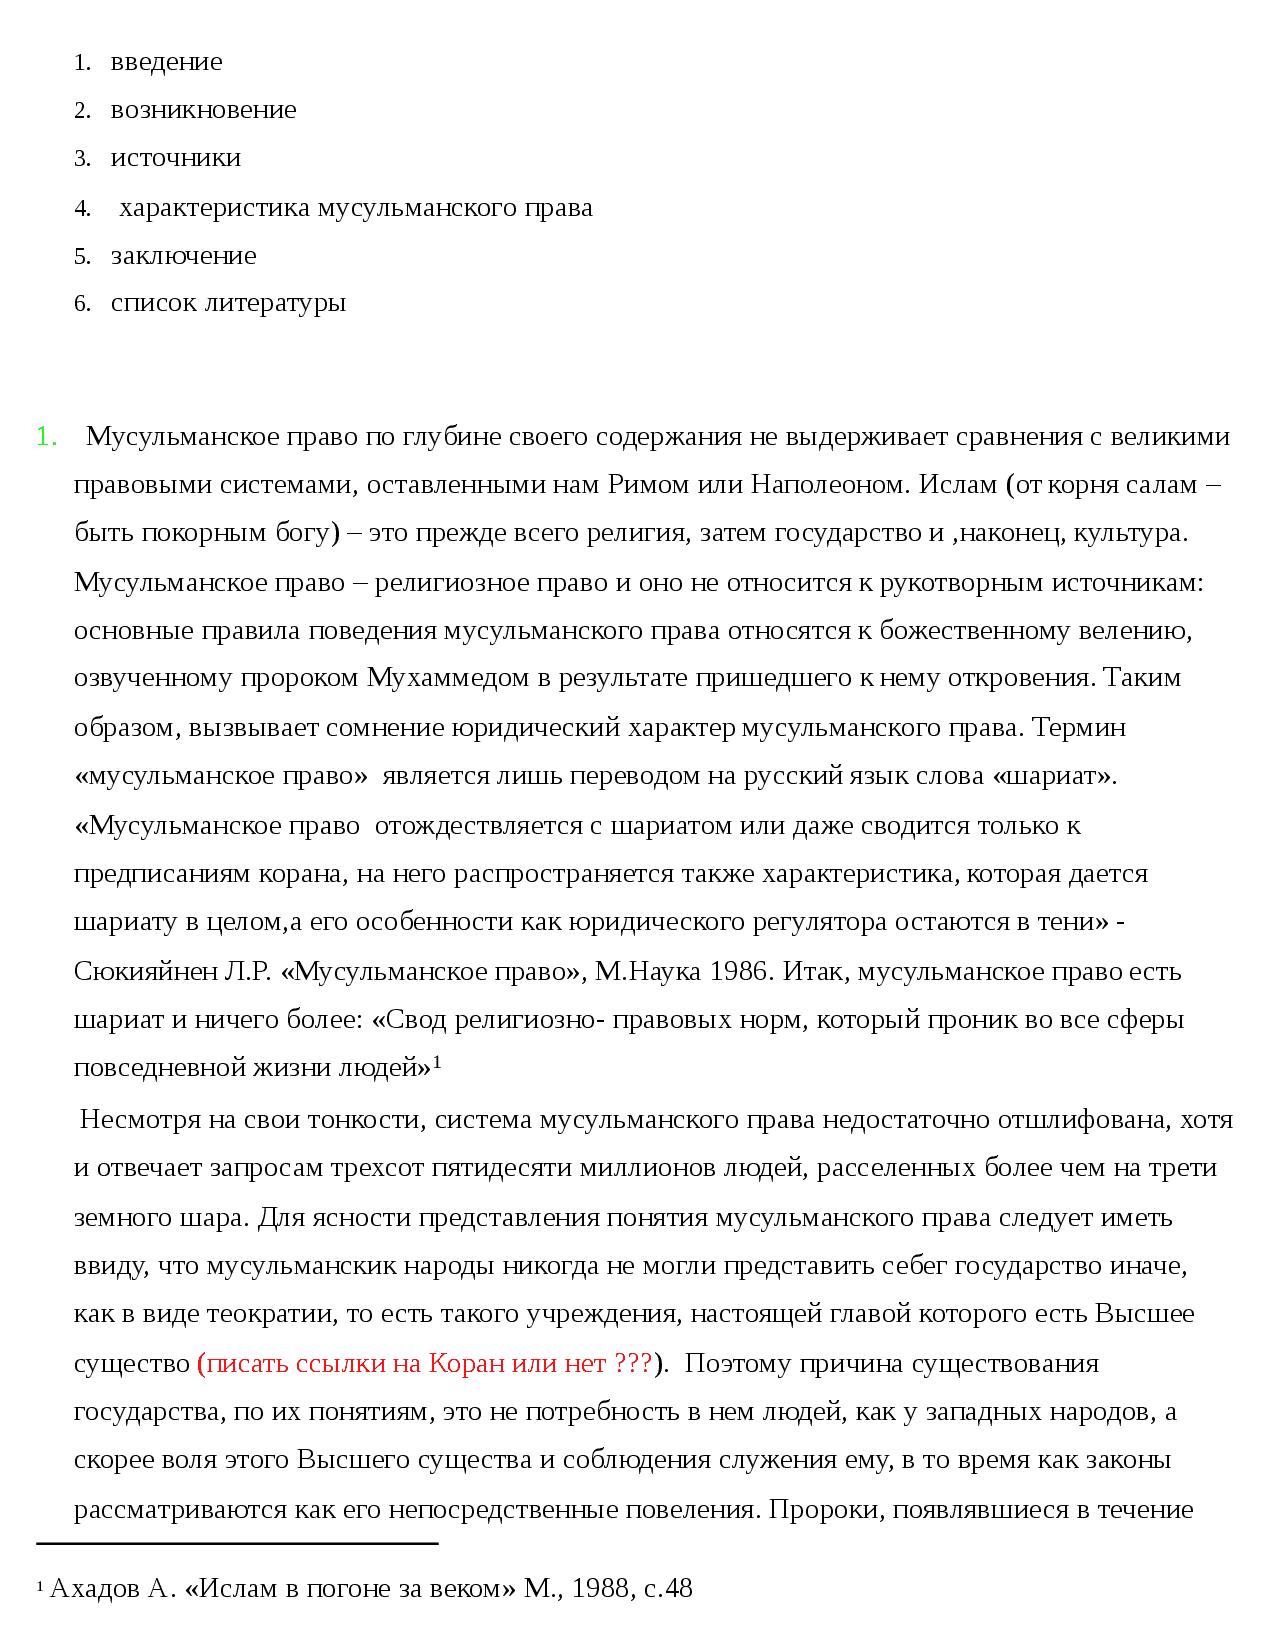 Структура и основное содержание корана (стр. 1 из 3)